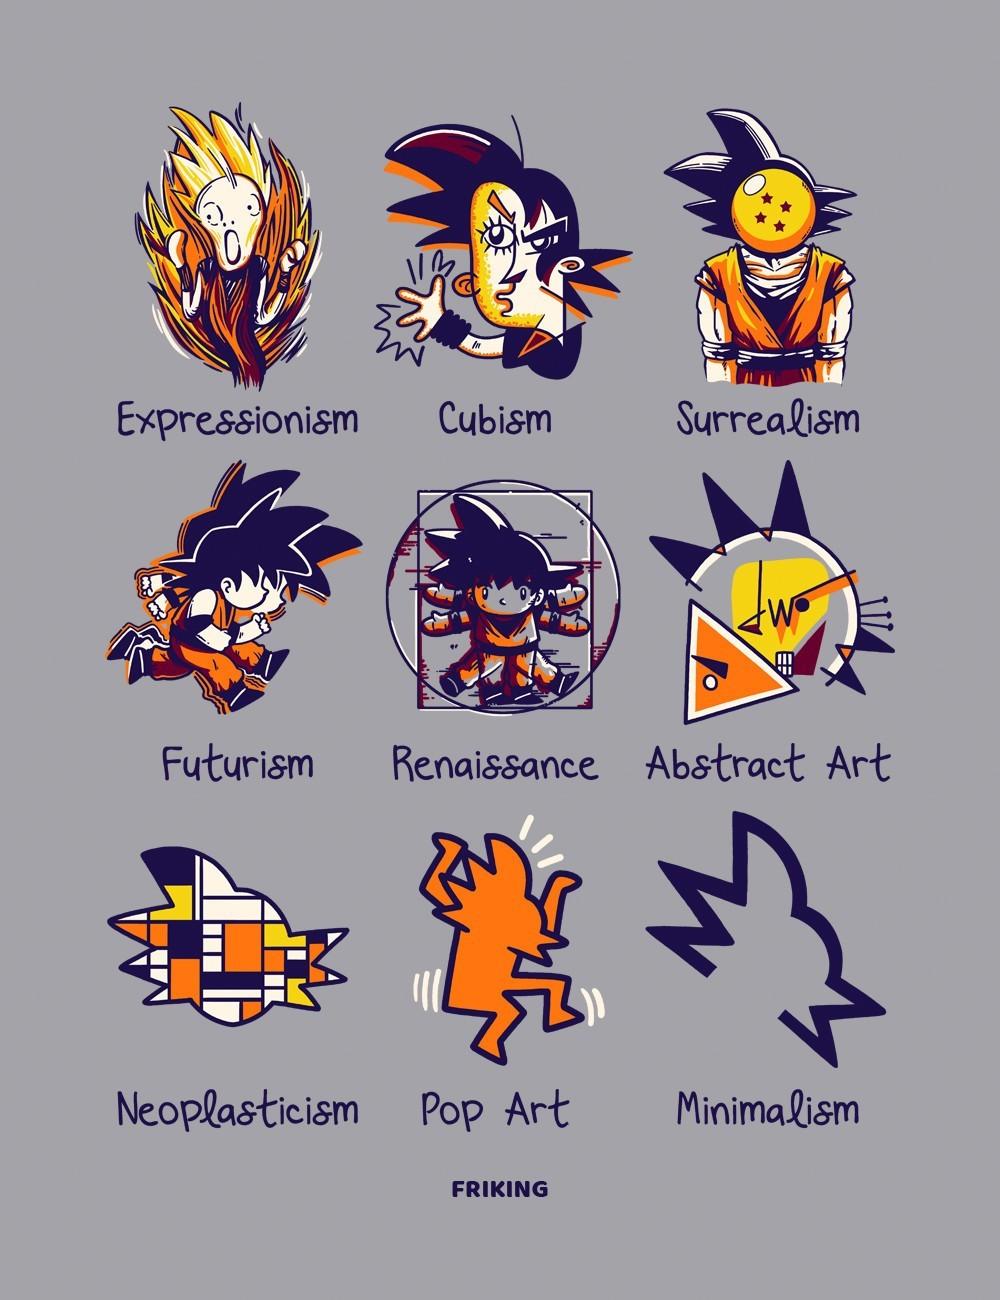 Camiseta inspirada en dragon ball en todos los estilos artísticos de nuestros creativos.